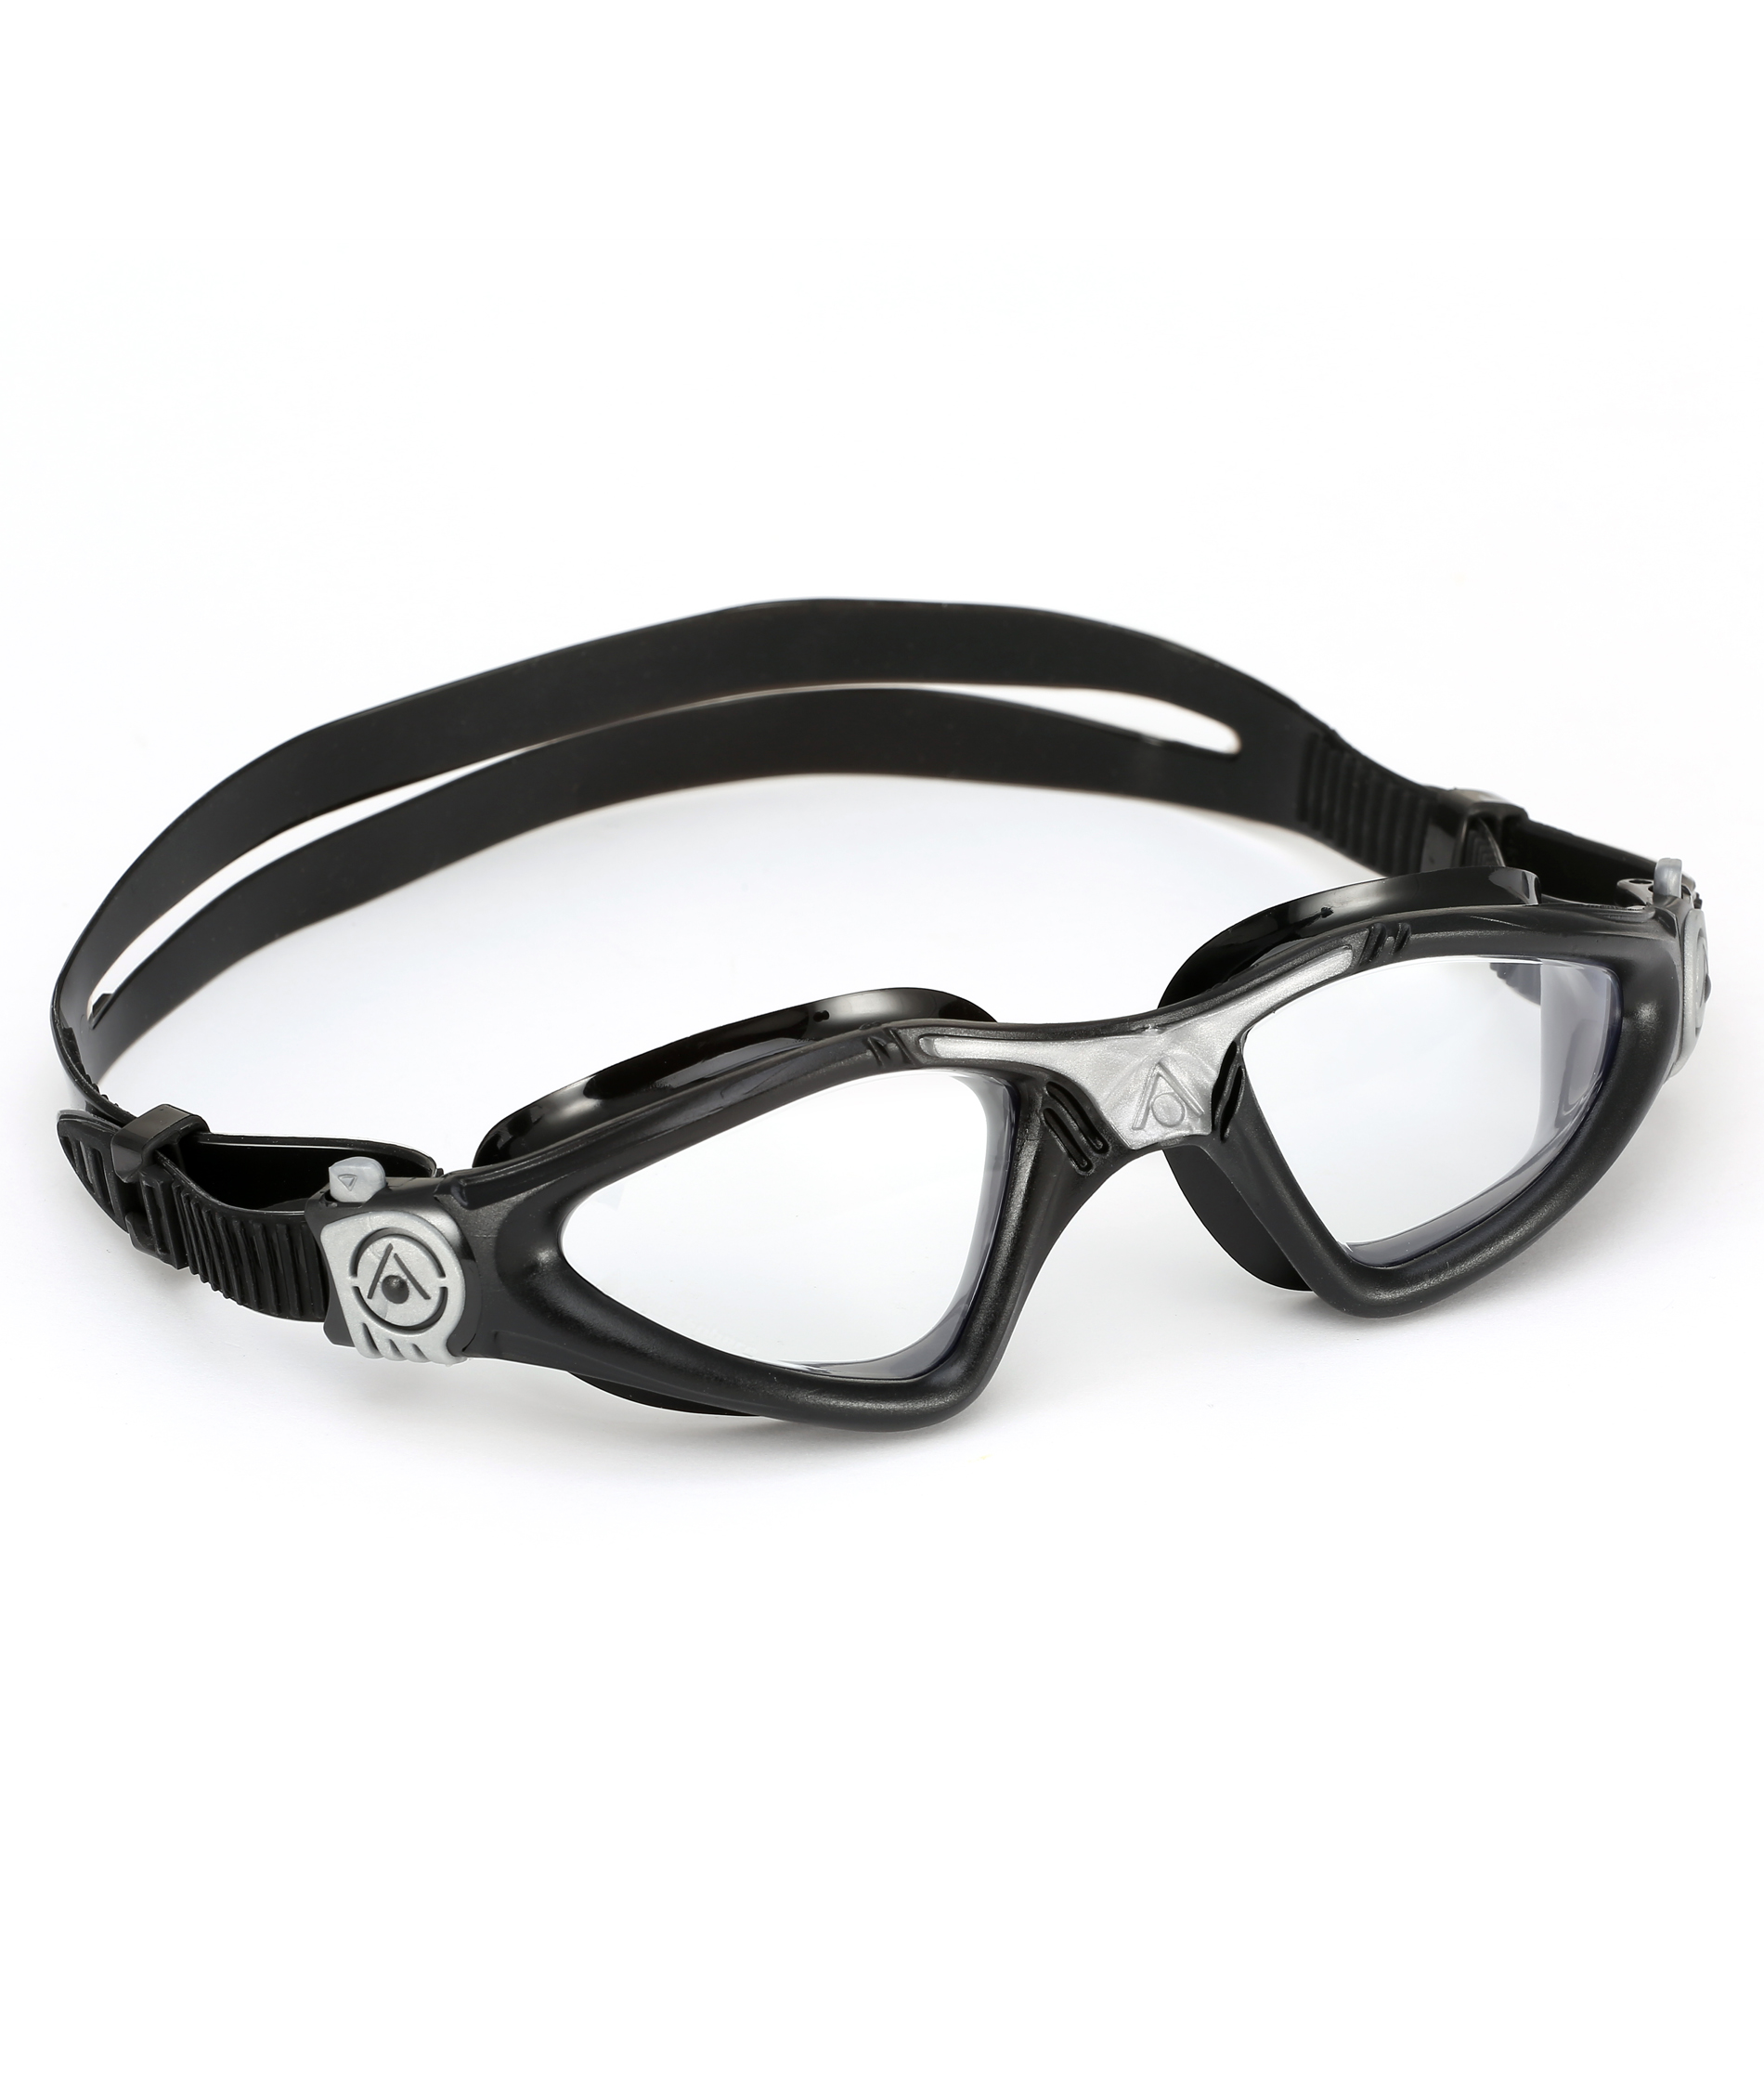 Aqua Sphere Kayenne Goggles - Black/Silver